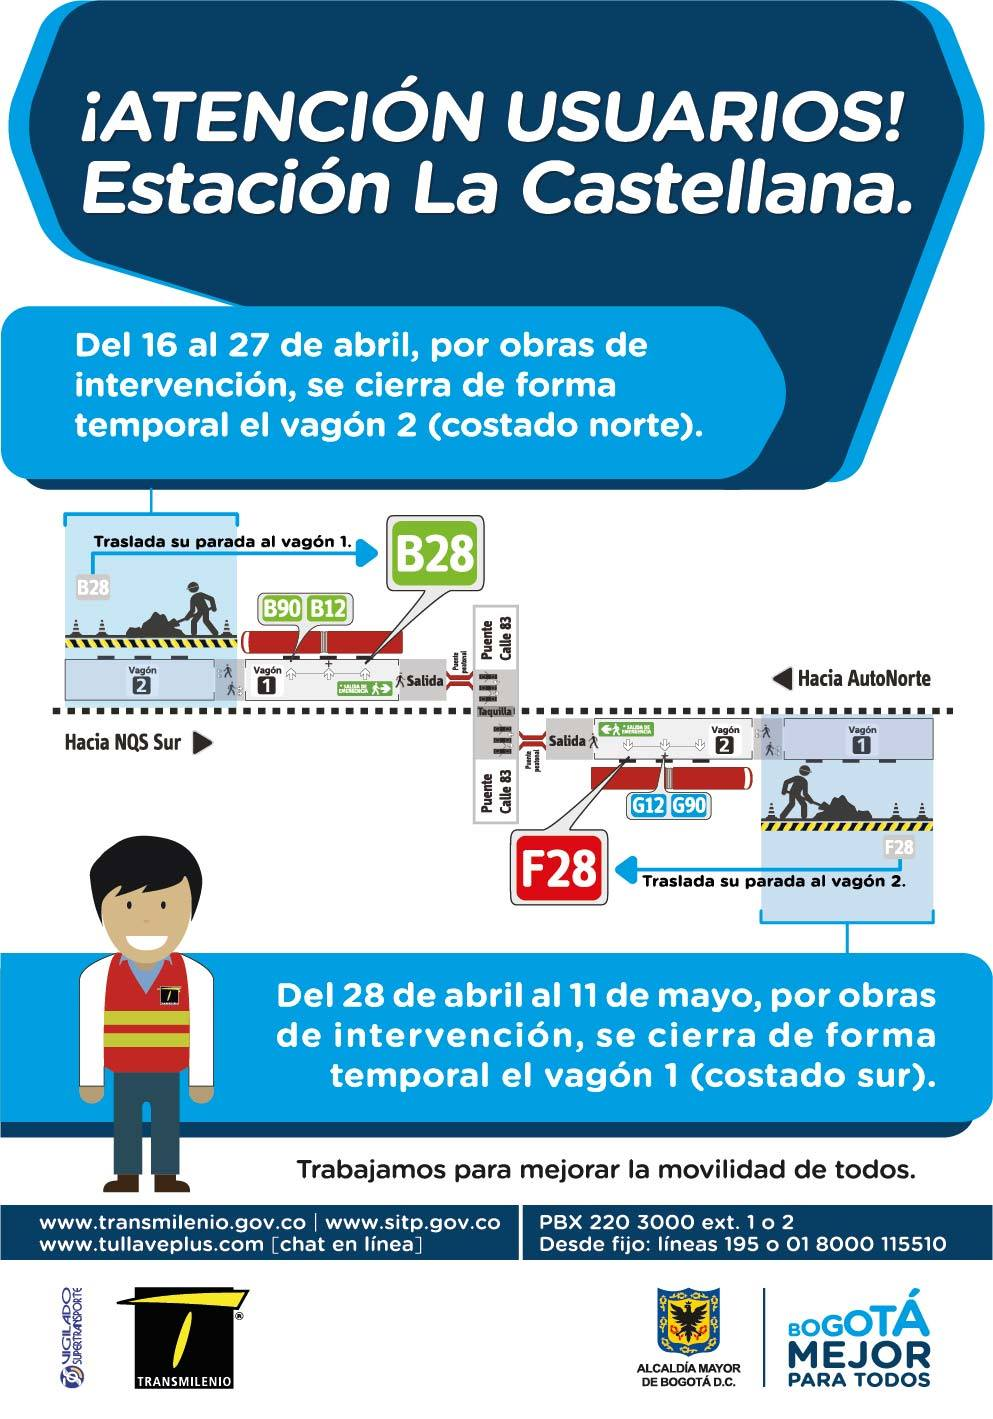 Vagón sur de la Estación Castellana cerrado a fin de mes 2